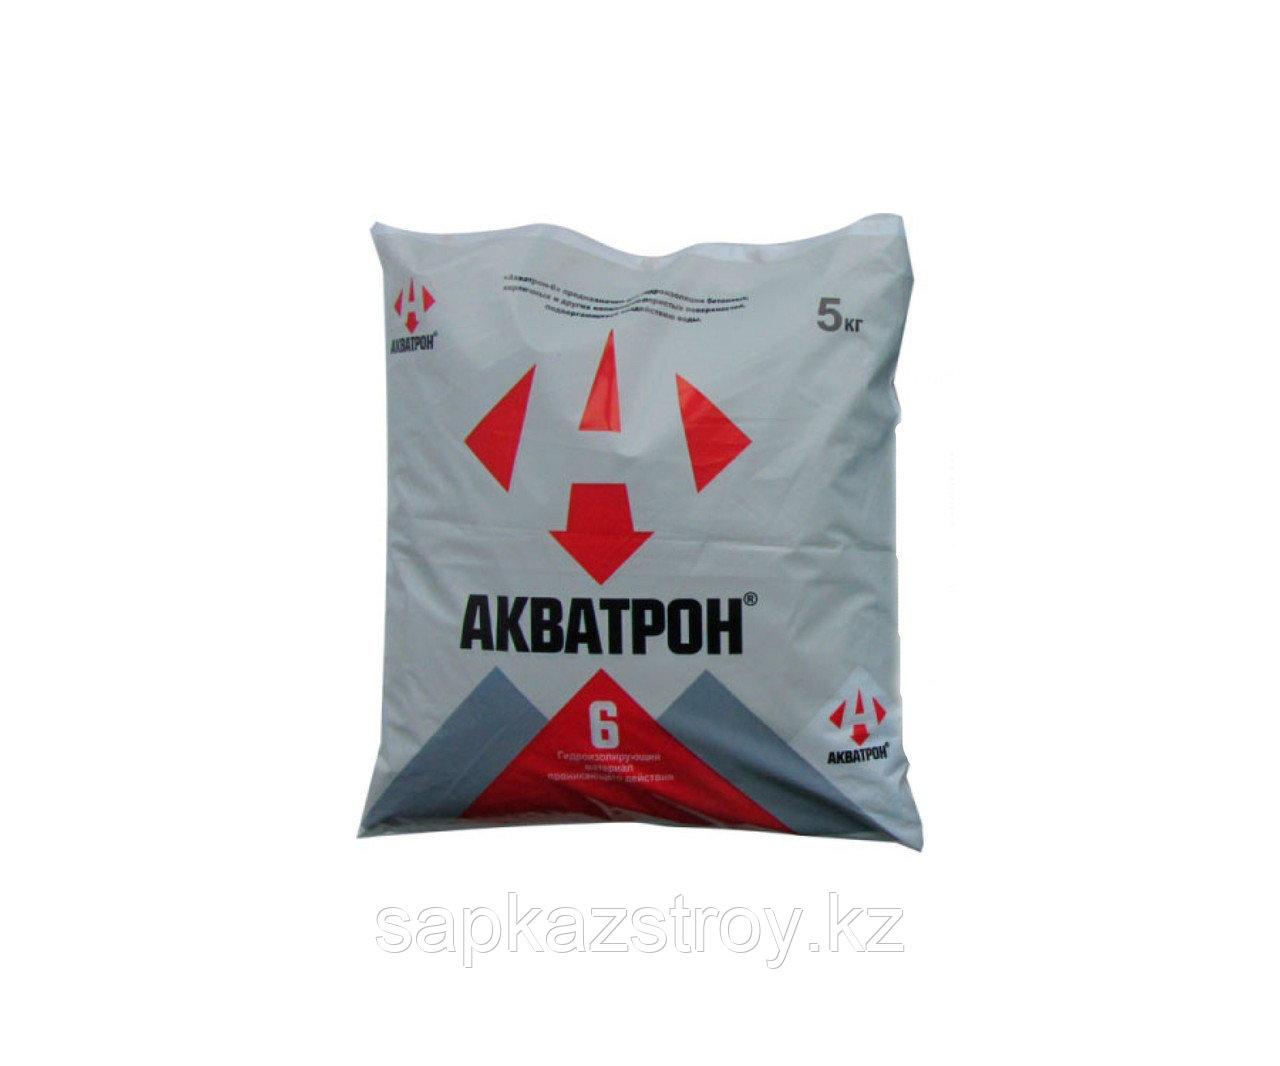 АКВАТРОН - 6